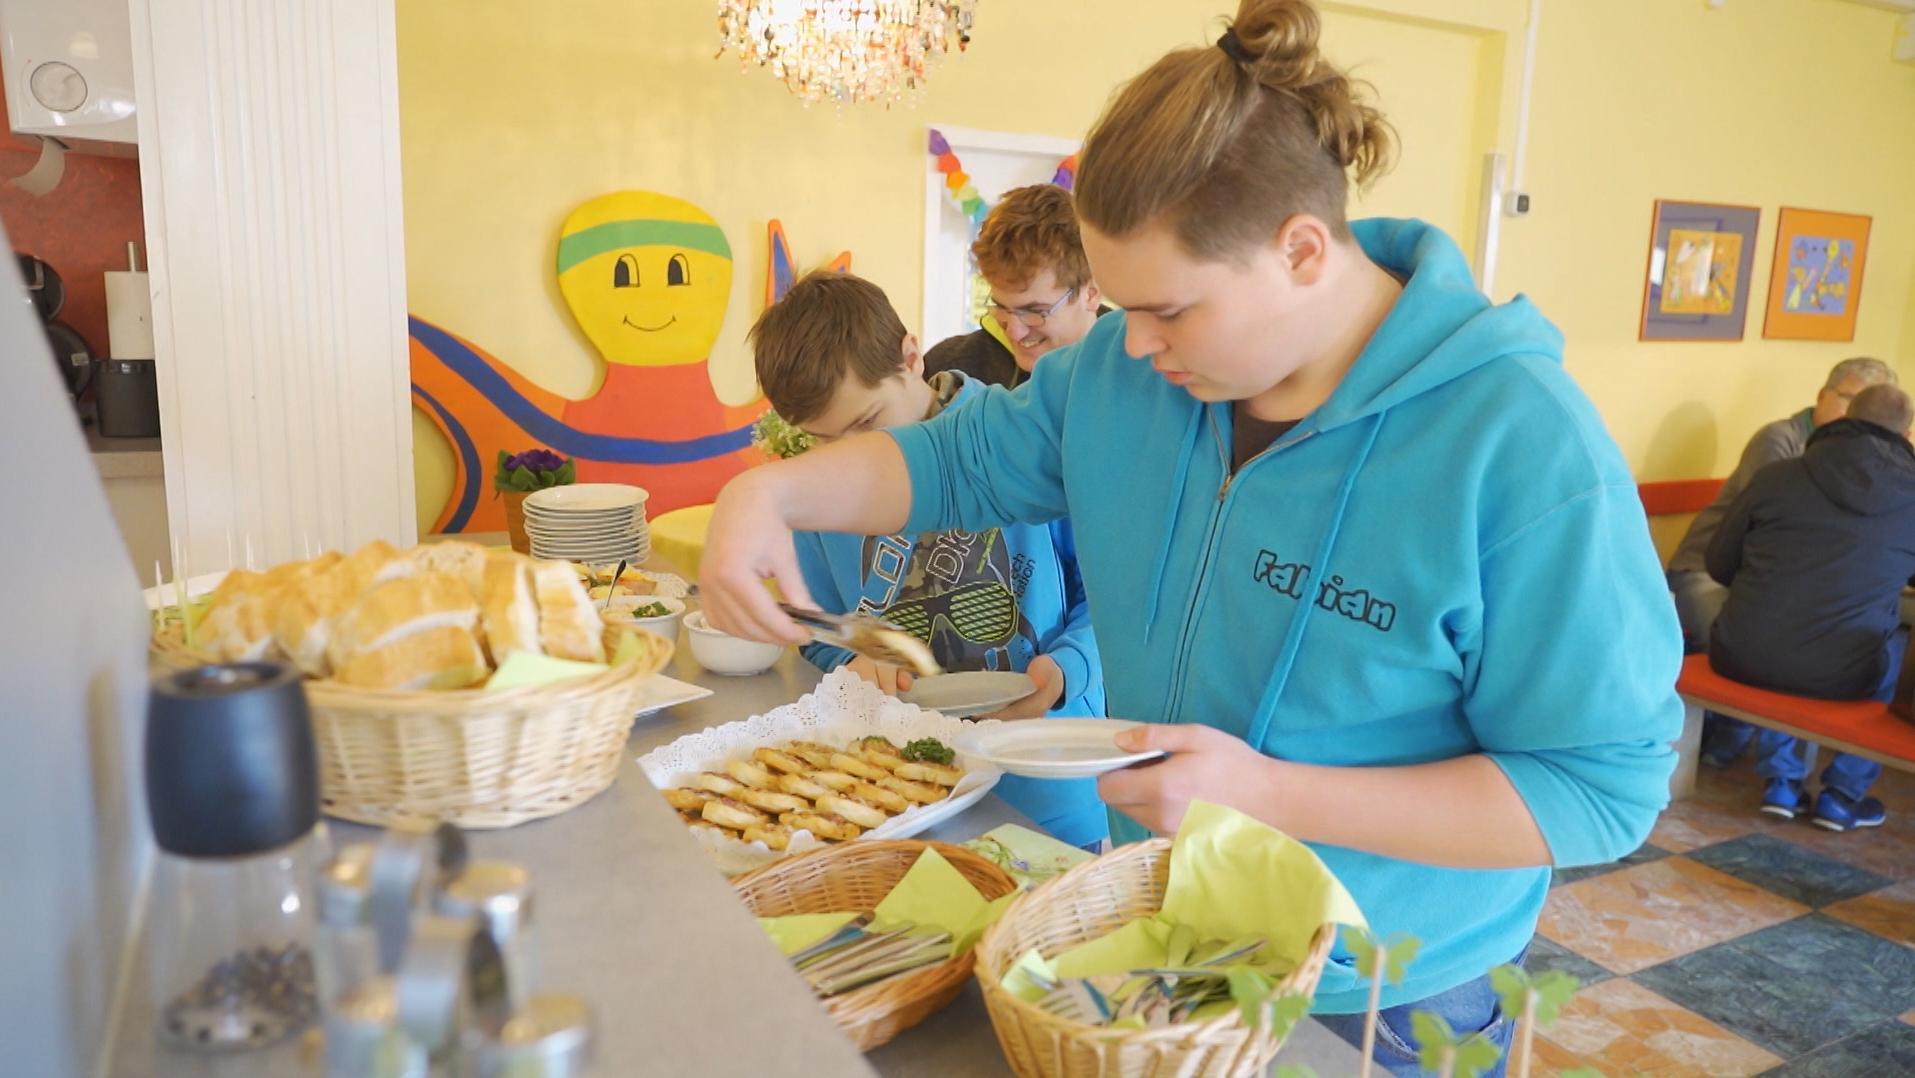 Schüler holen sich an einer Theke eine Frühstück